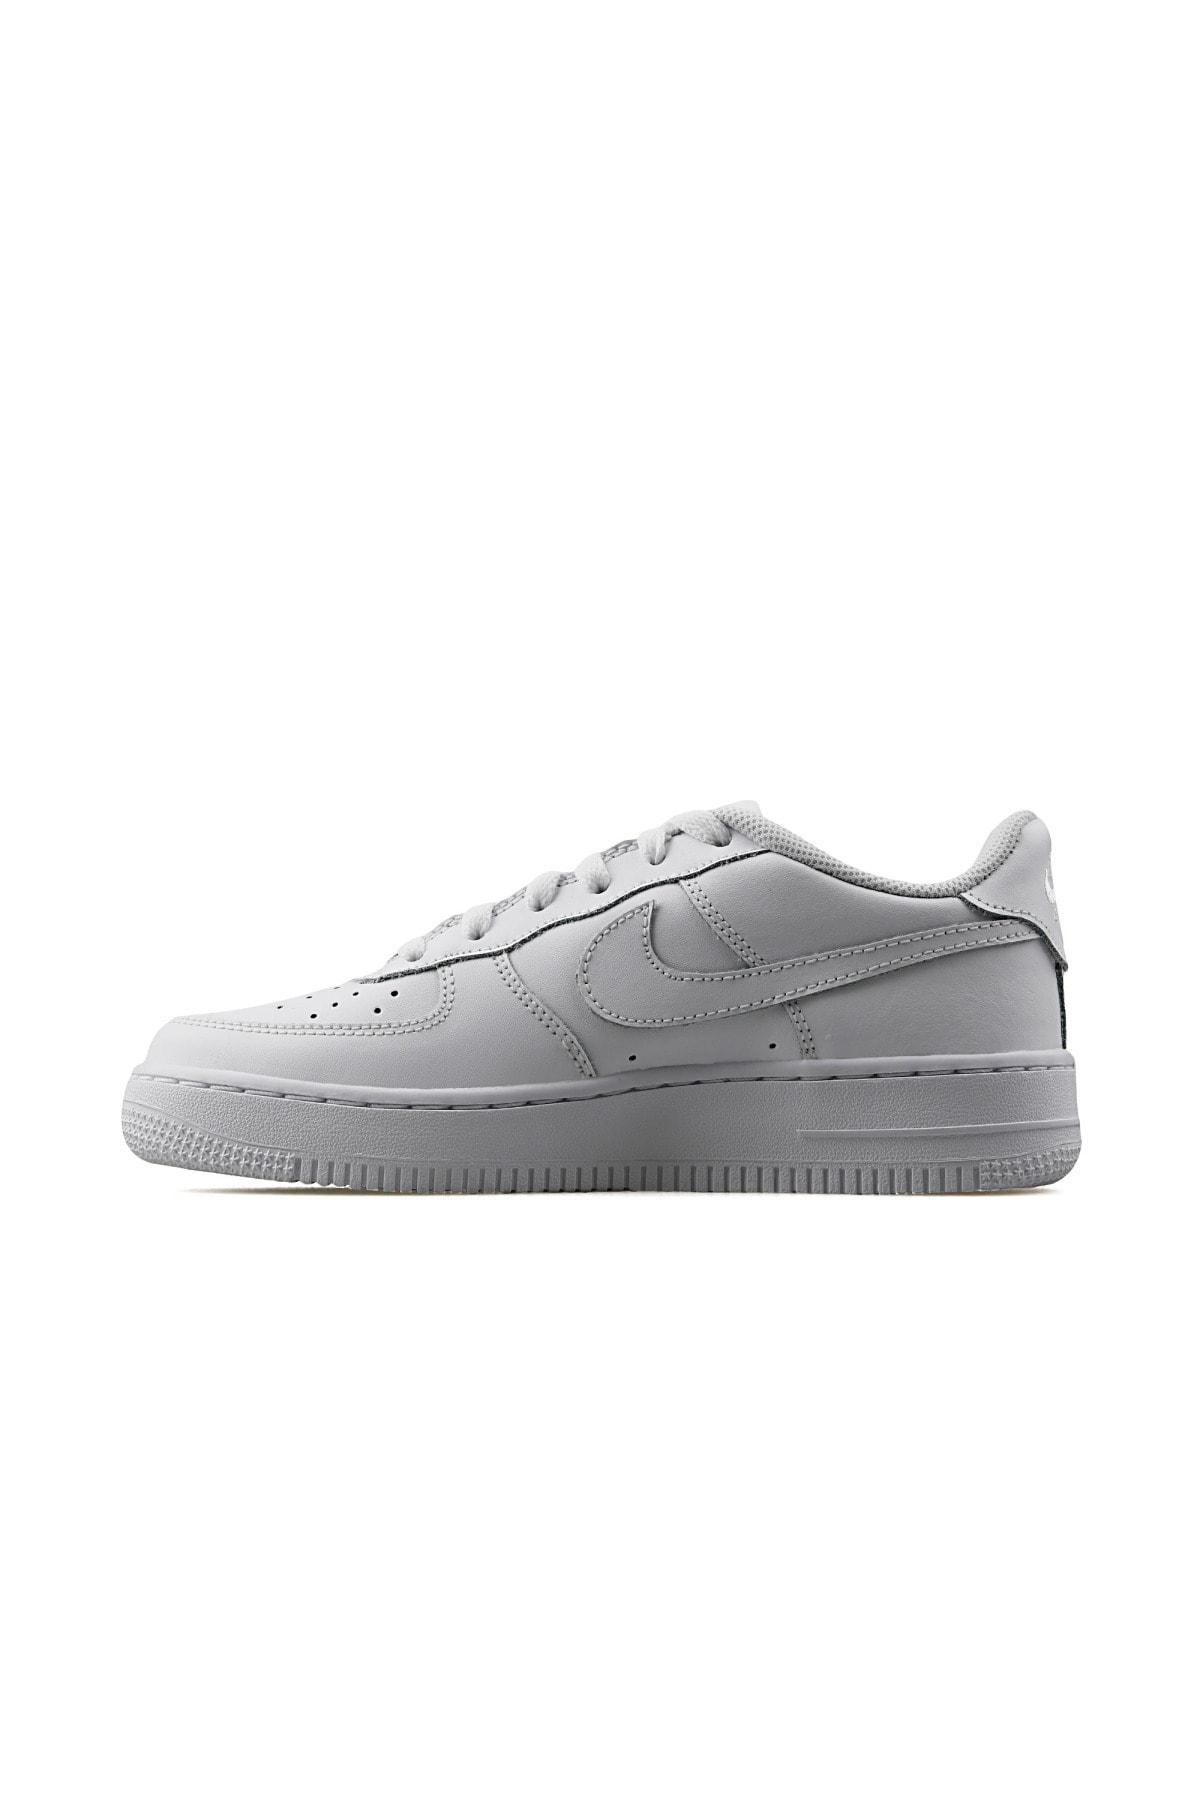 Nike Air Force Beyaz Spor Ayakkabı 1